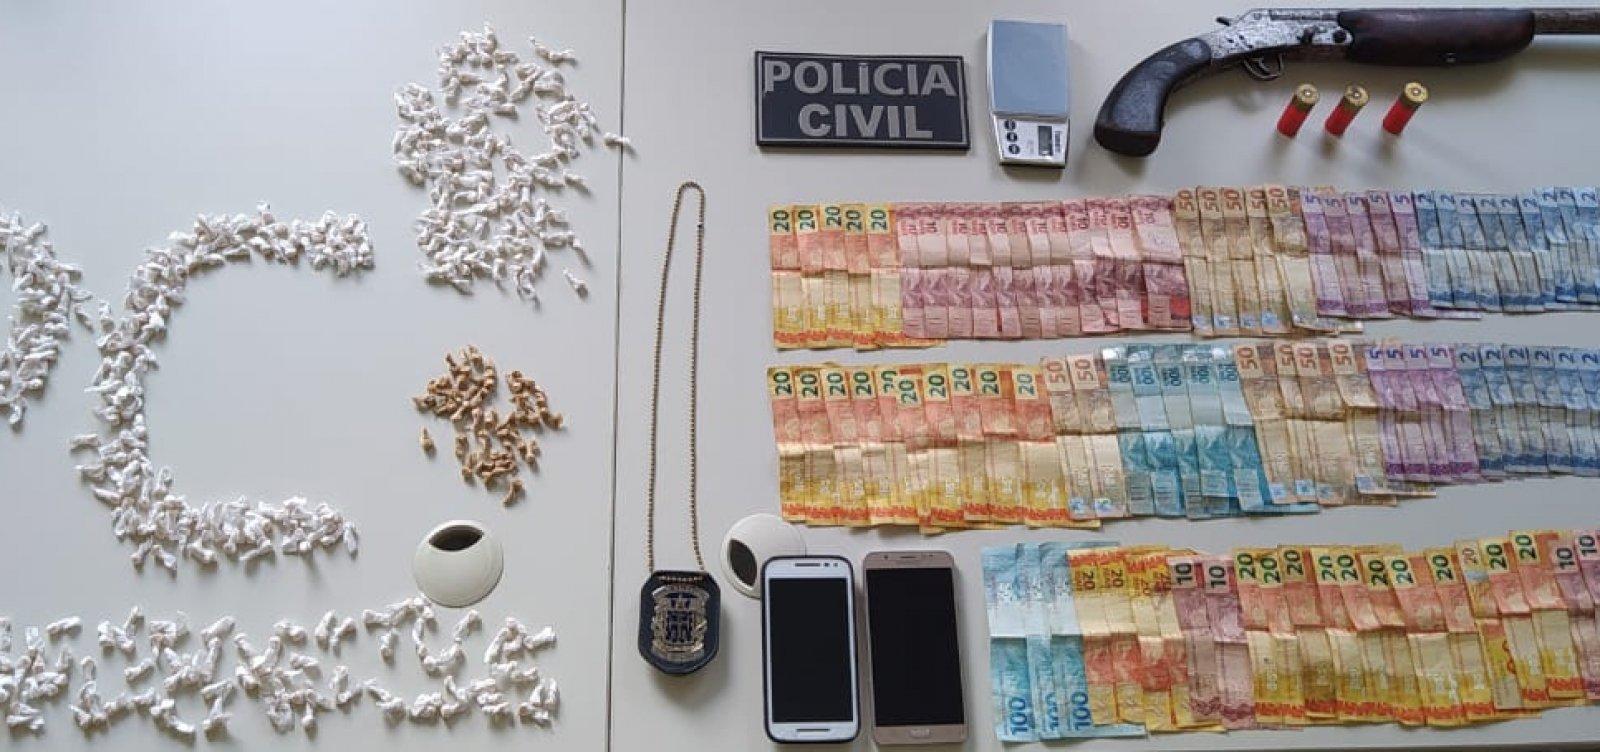 Casal e idosa são presos em operação de combate ao tráfico no extremo sul da Bahia